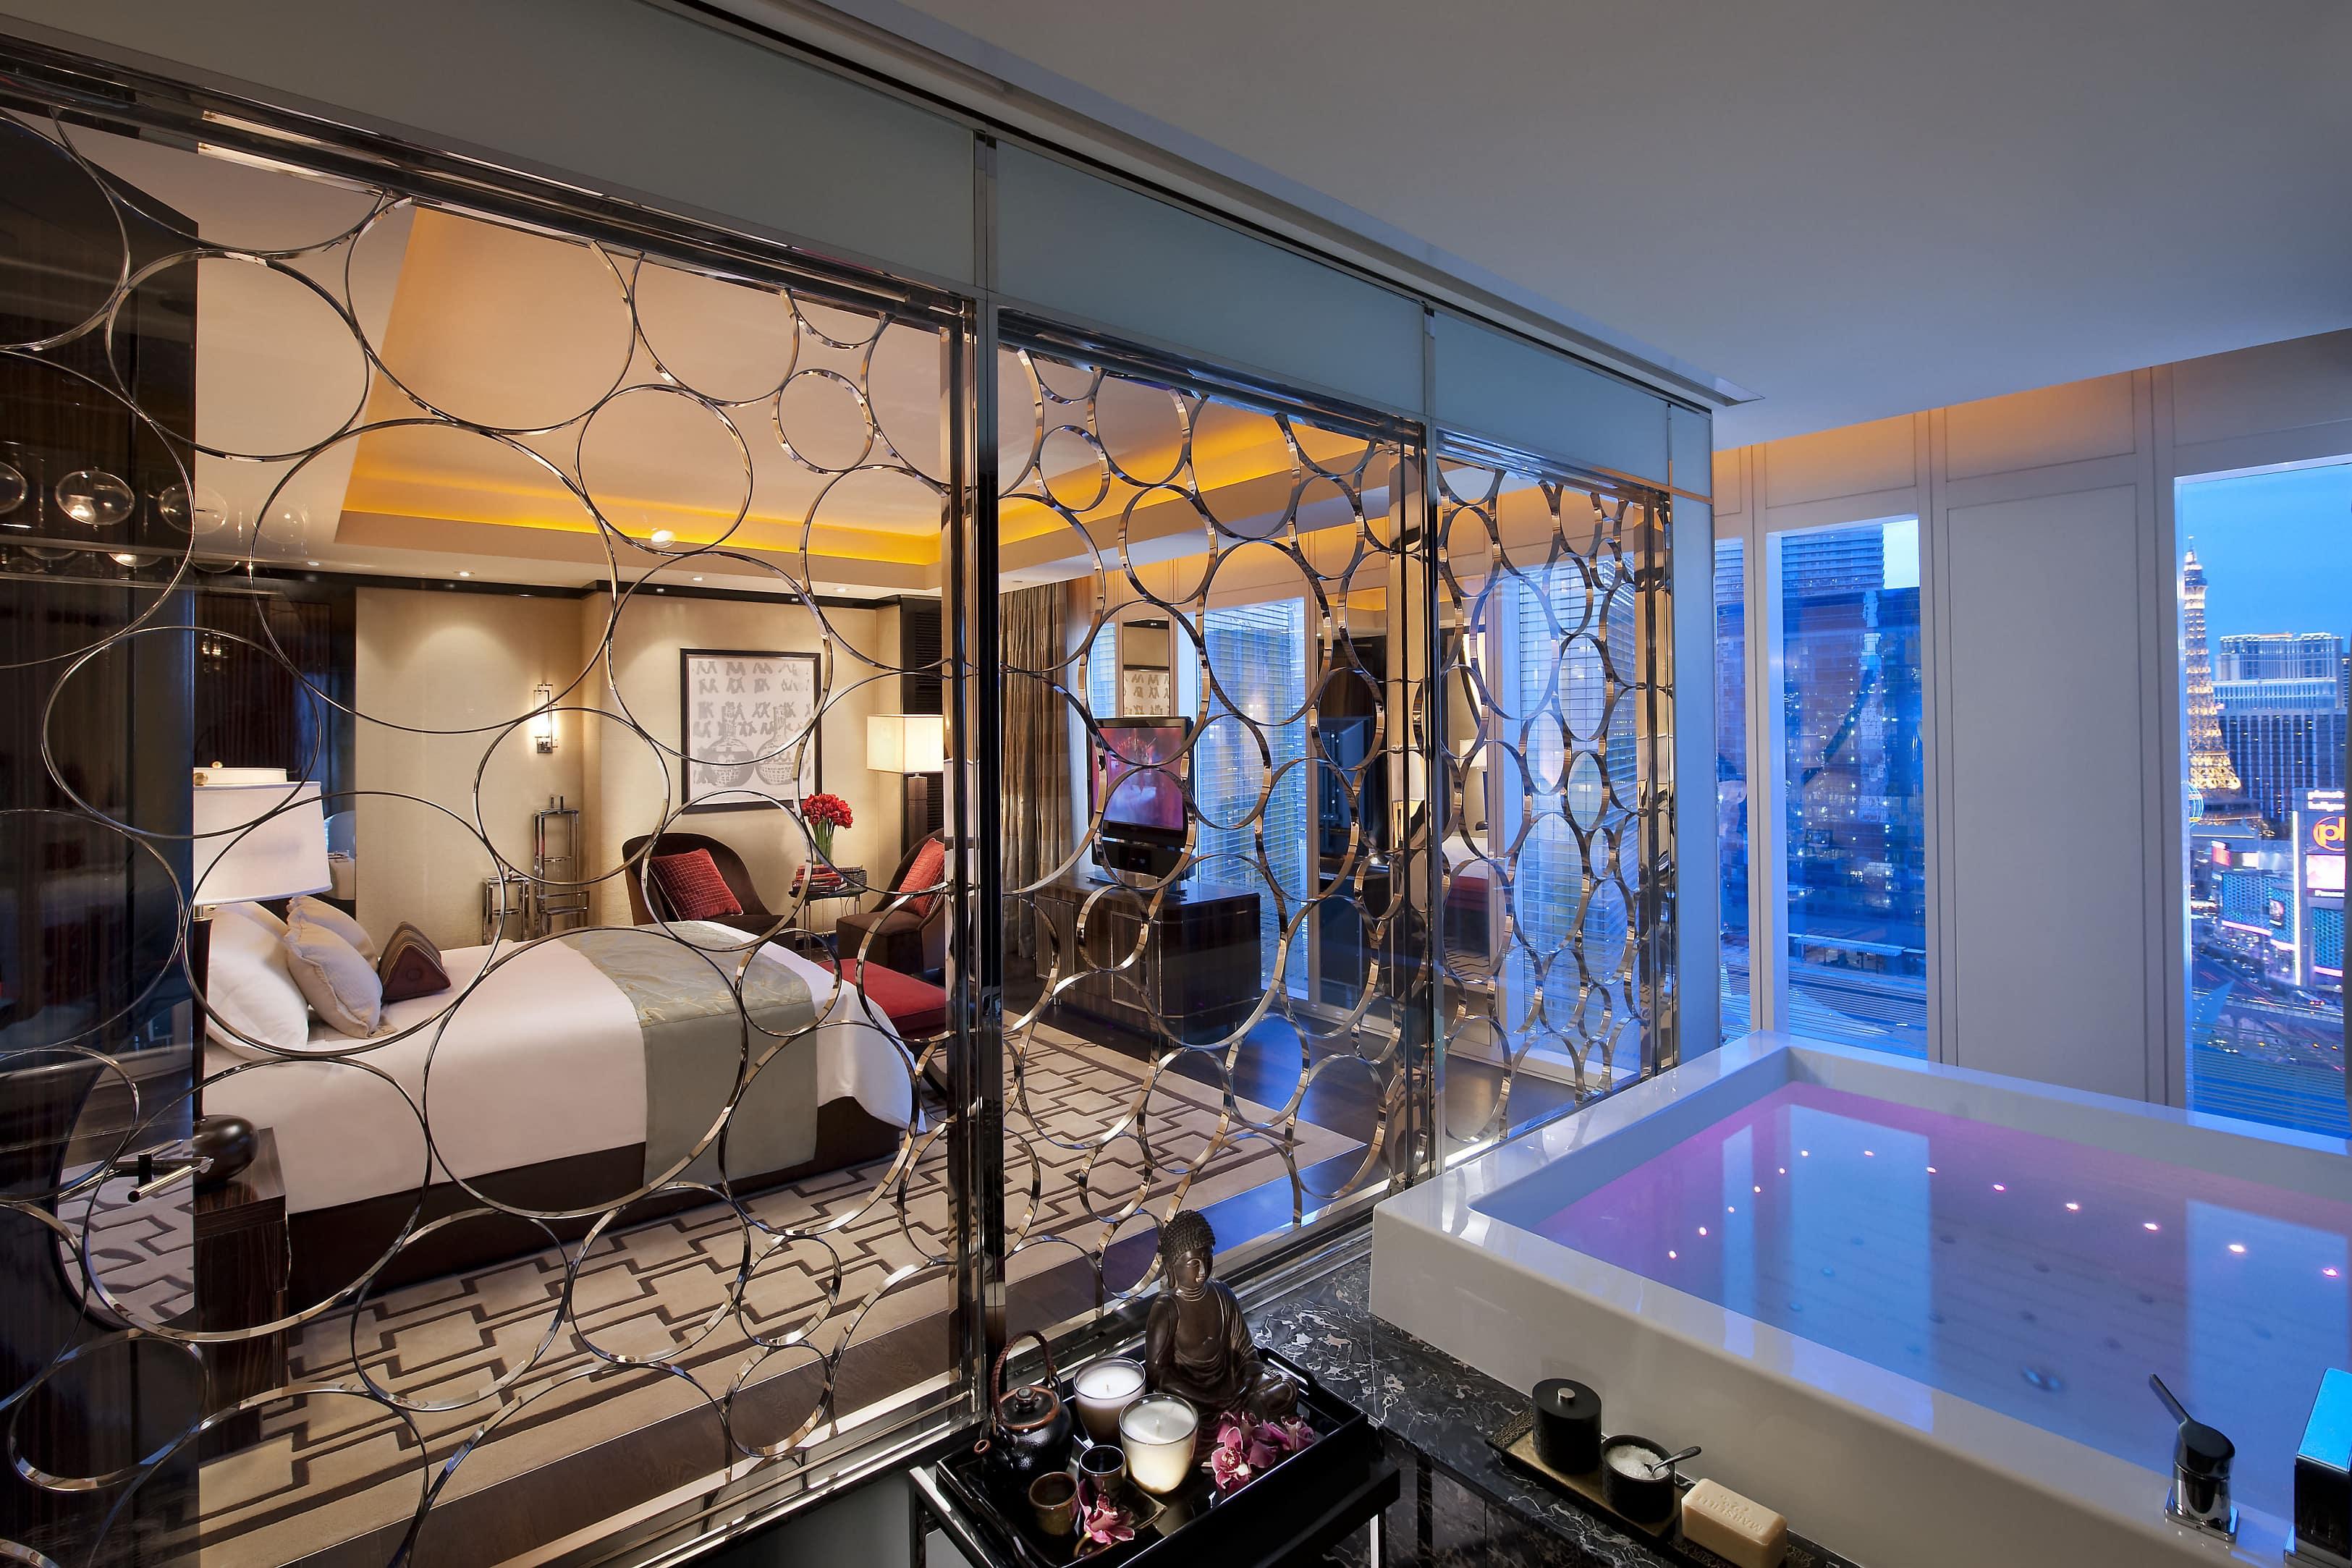 Las Vegas 4 Bedroom Suites Hotel Photo Gallery Mandarin Oriental Las Vegas